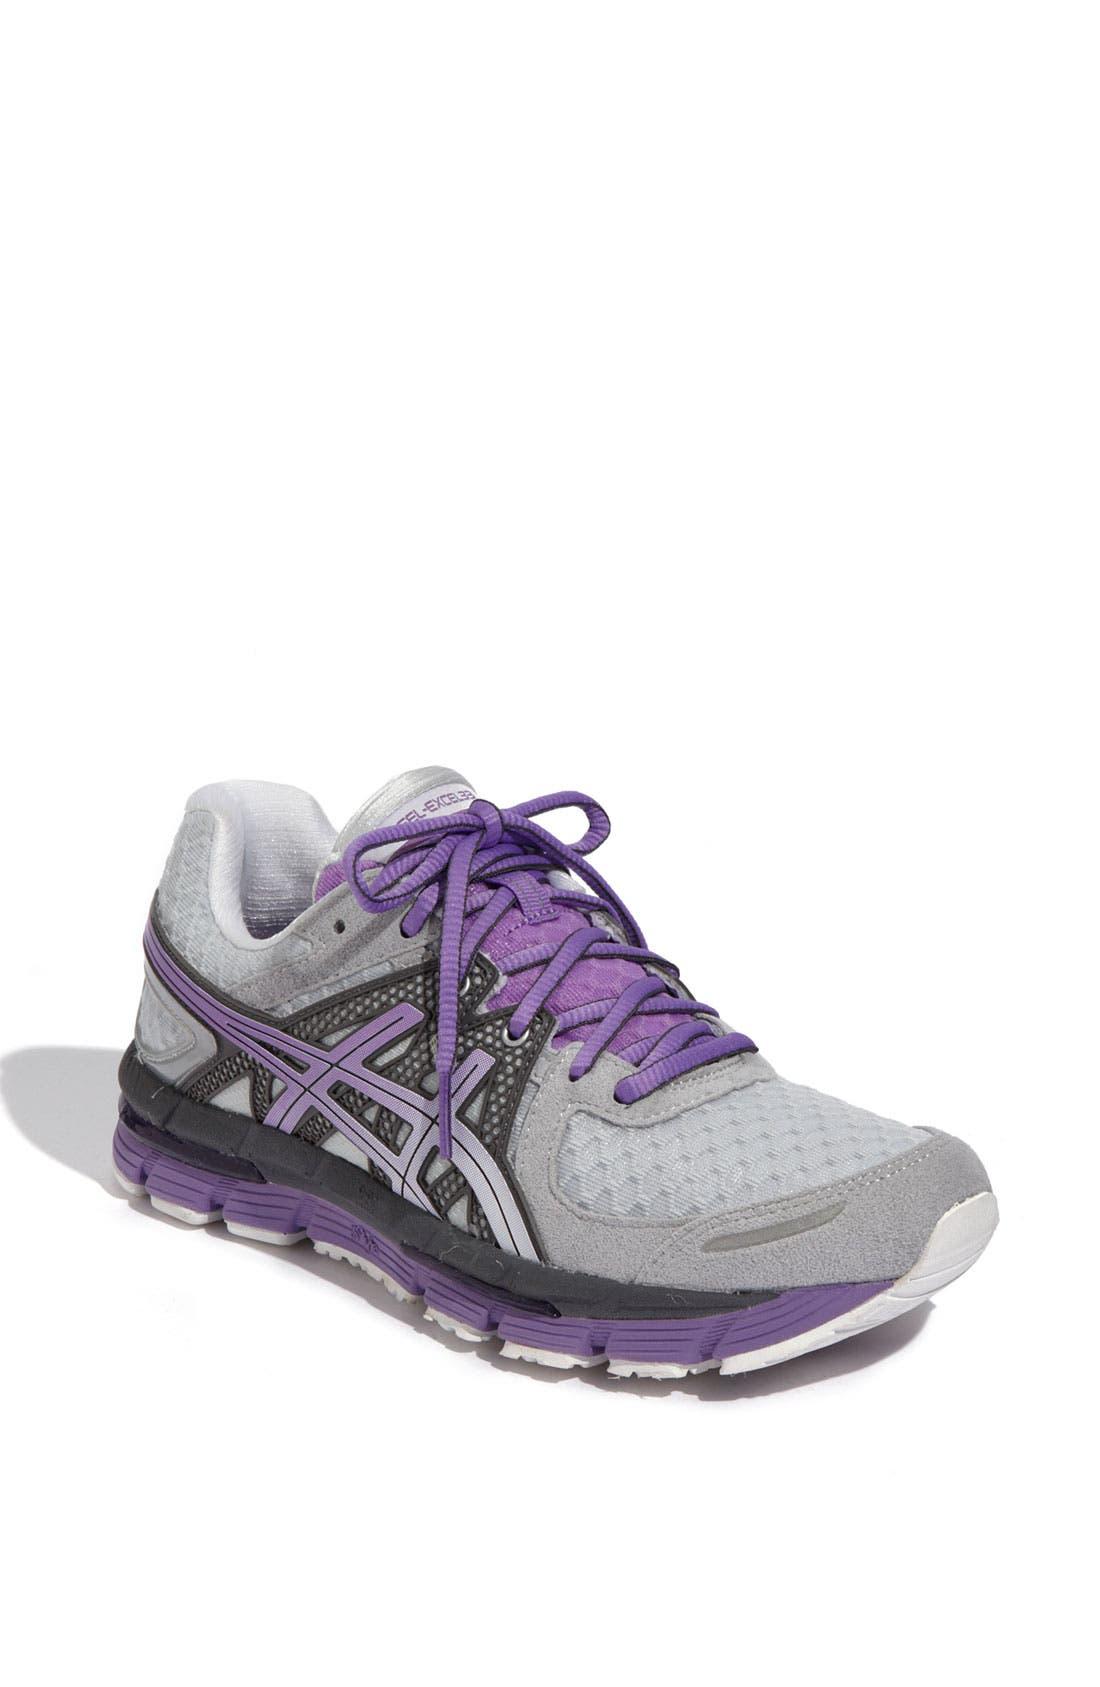 Main Image - ASICS® 'GEL-Excel 33' Running Shoe (Women)